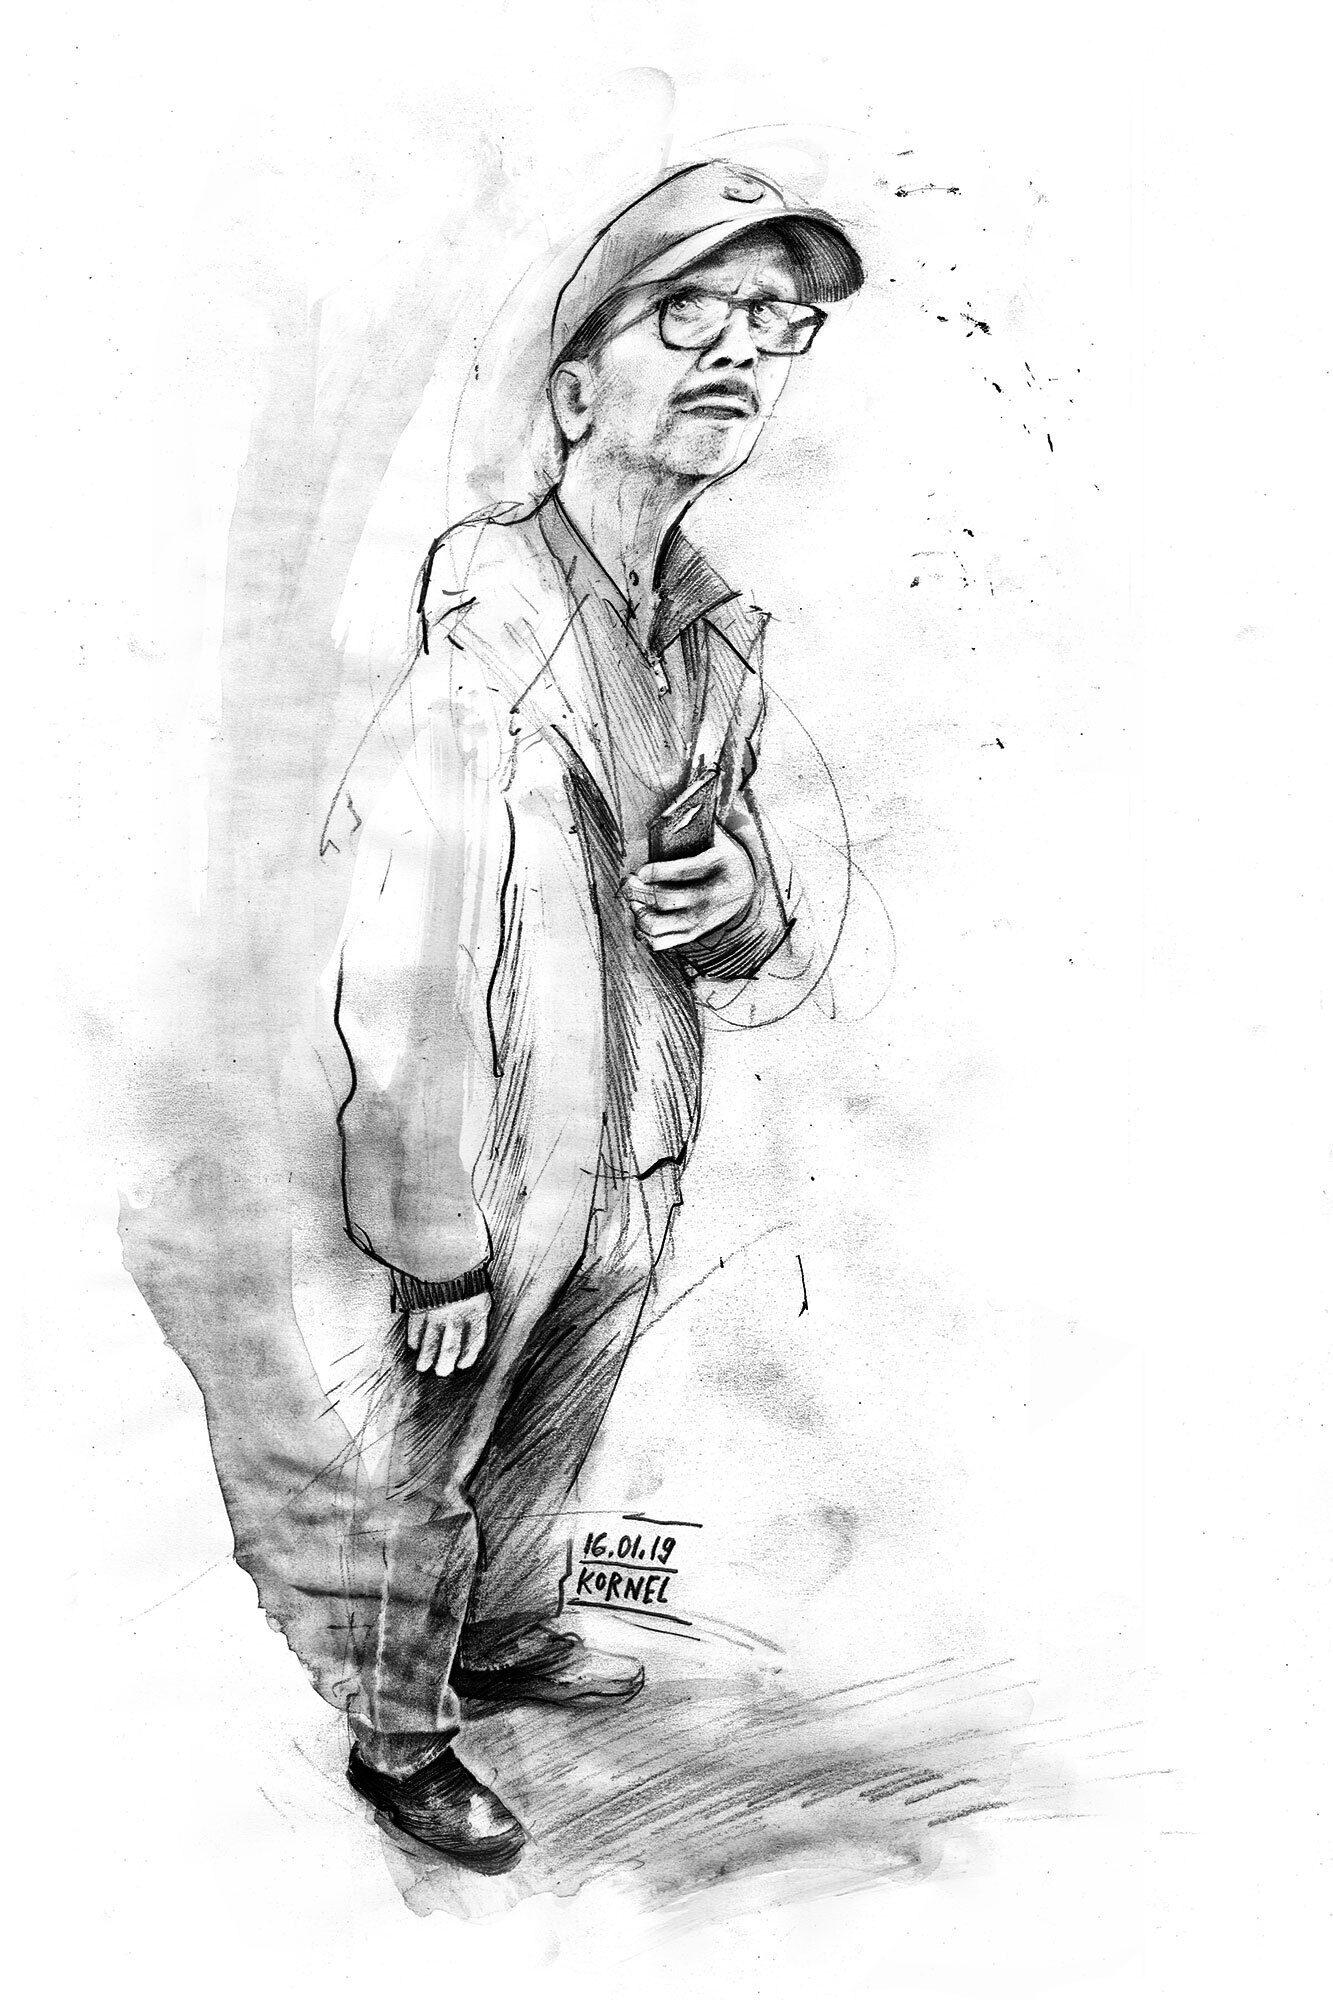 Drawing sketch pencil - Kornel Illustration | Kornel Stadler portfolio